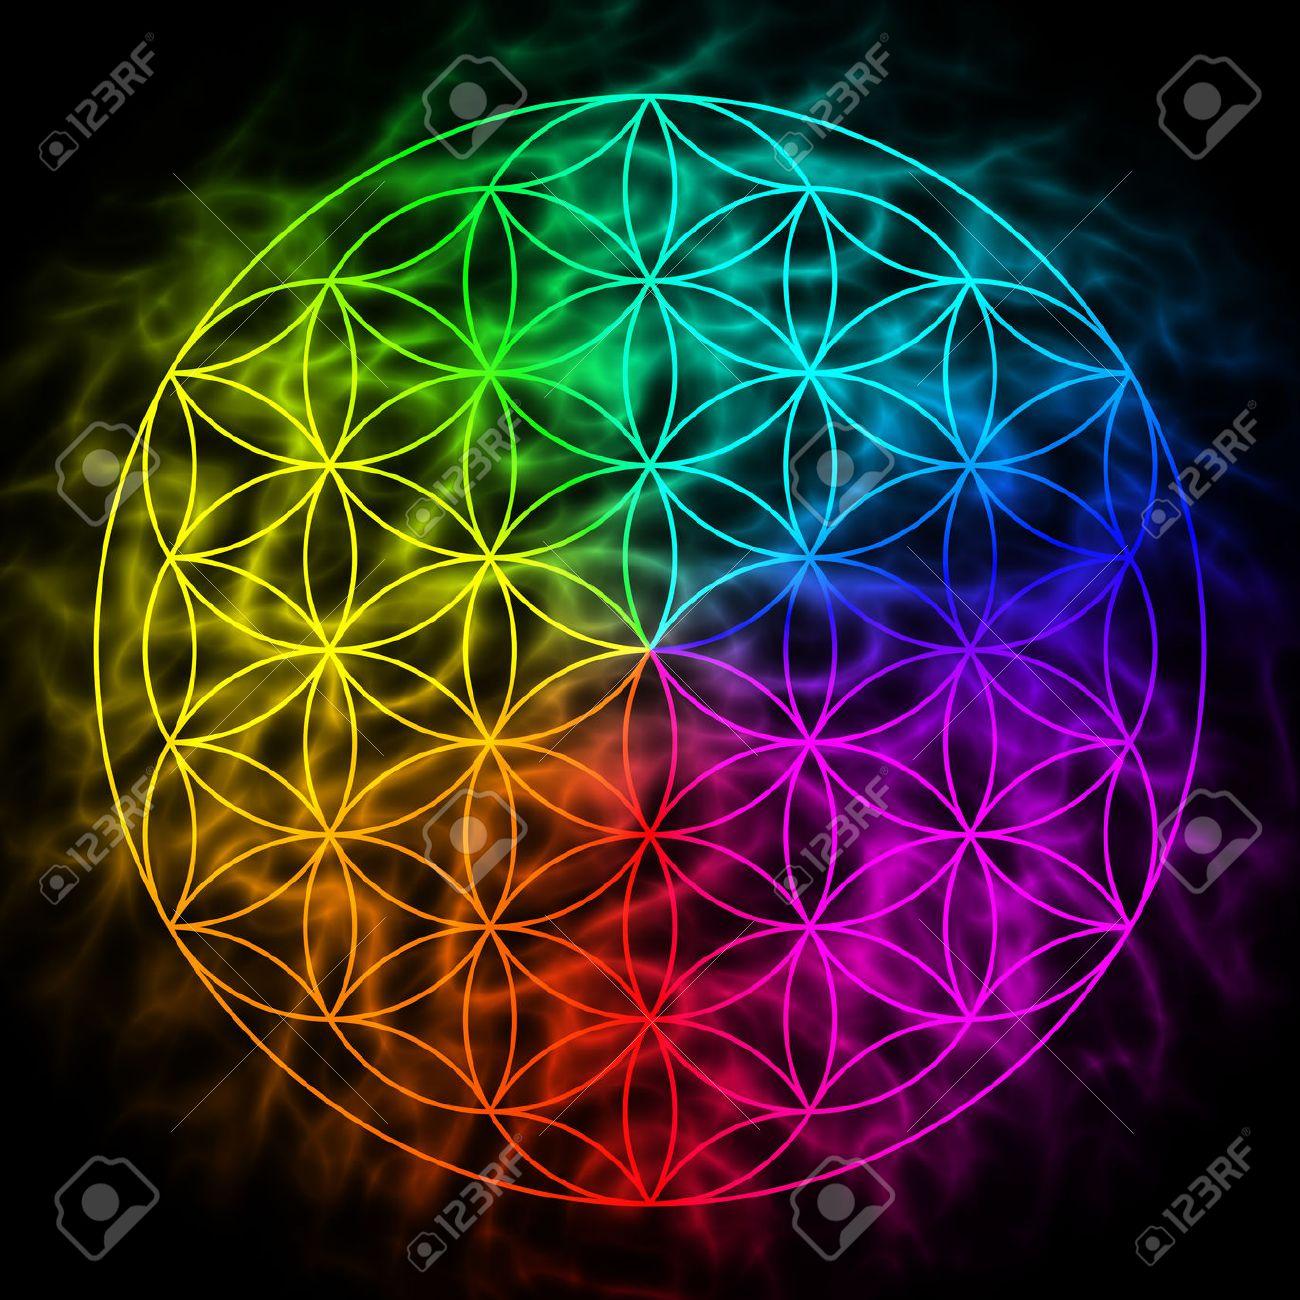 Arco Iris De La Flor De La Vida Con Aura Símbolo De La Geometría